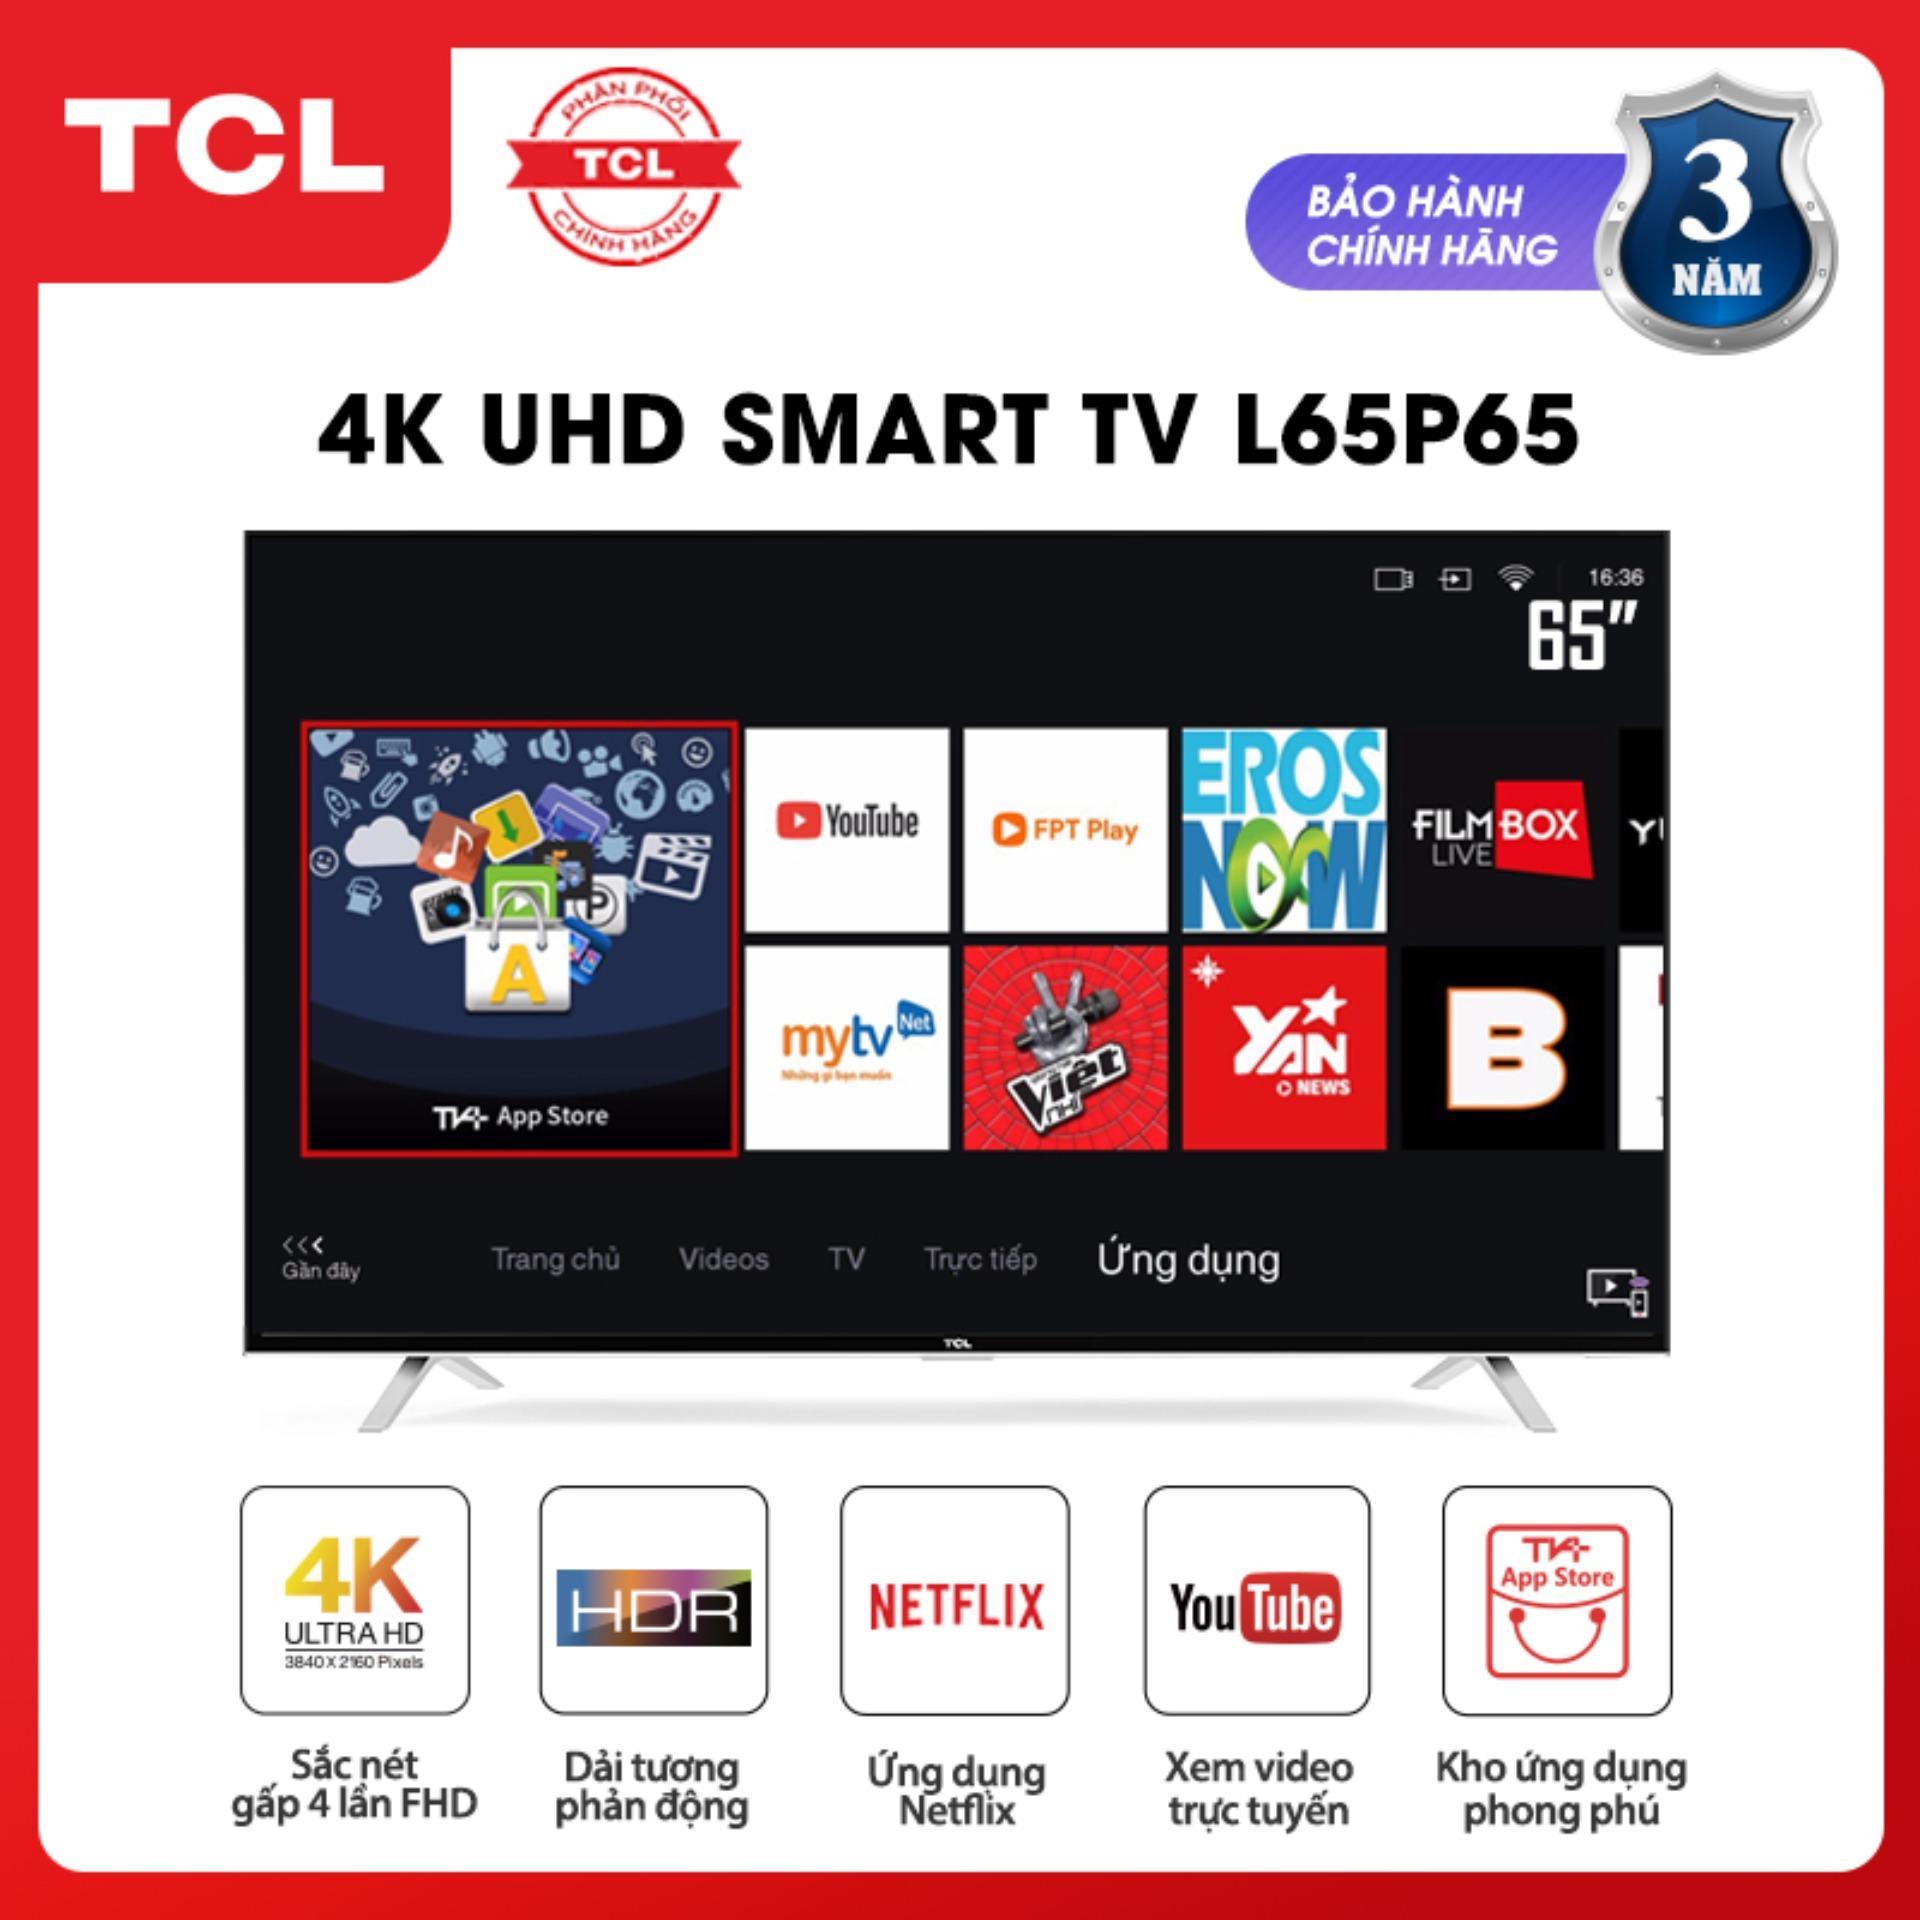 Bảng giá Smart Tivi TCL 65 inch 4K UHD L65P65-UF - HDR, Micro Dimming, Dolby, T-cast - Tivi giá rẻ chất lượng - Bảo hành 3 năm - [SẢN PHẨM MỚI]